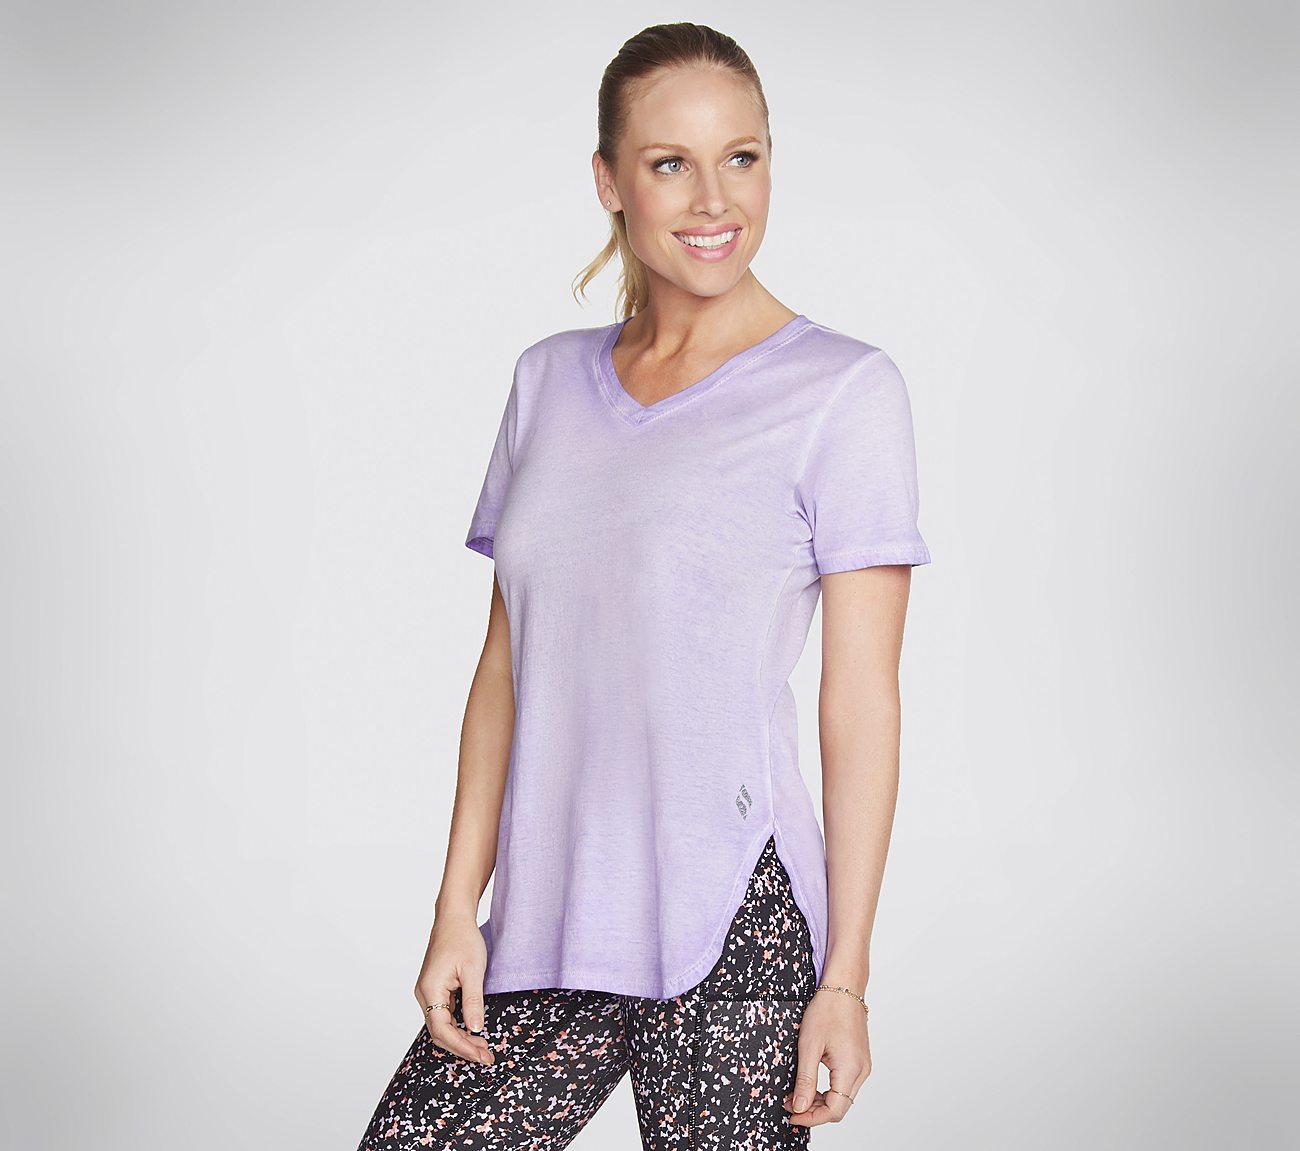 Skechers Apparel Cherish Tunic Shirt